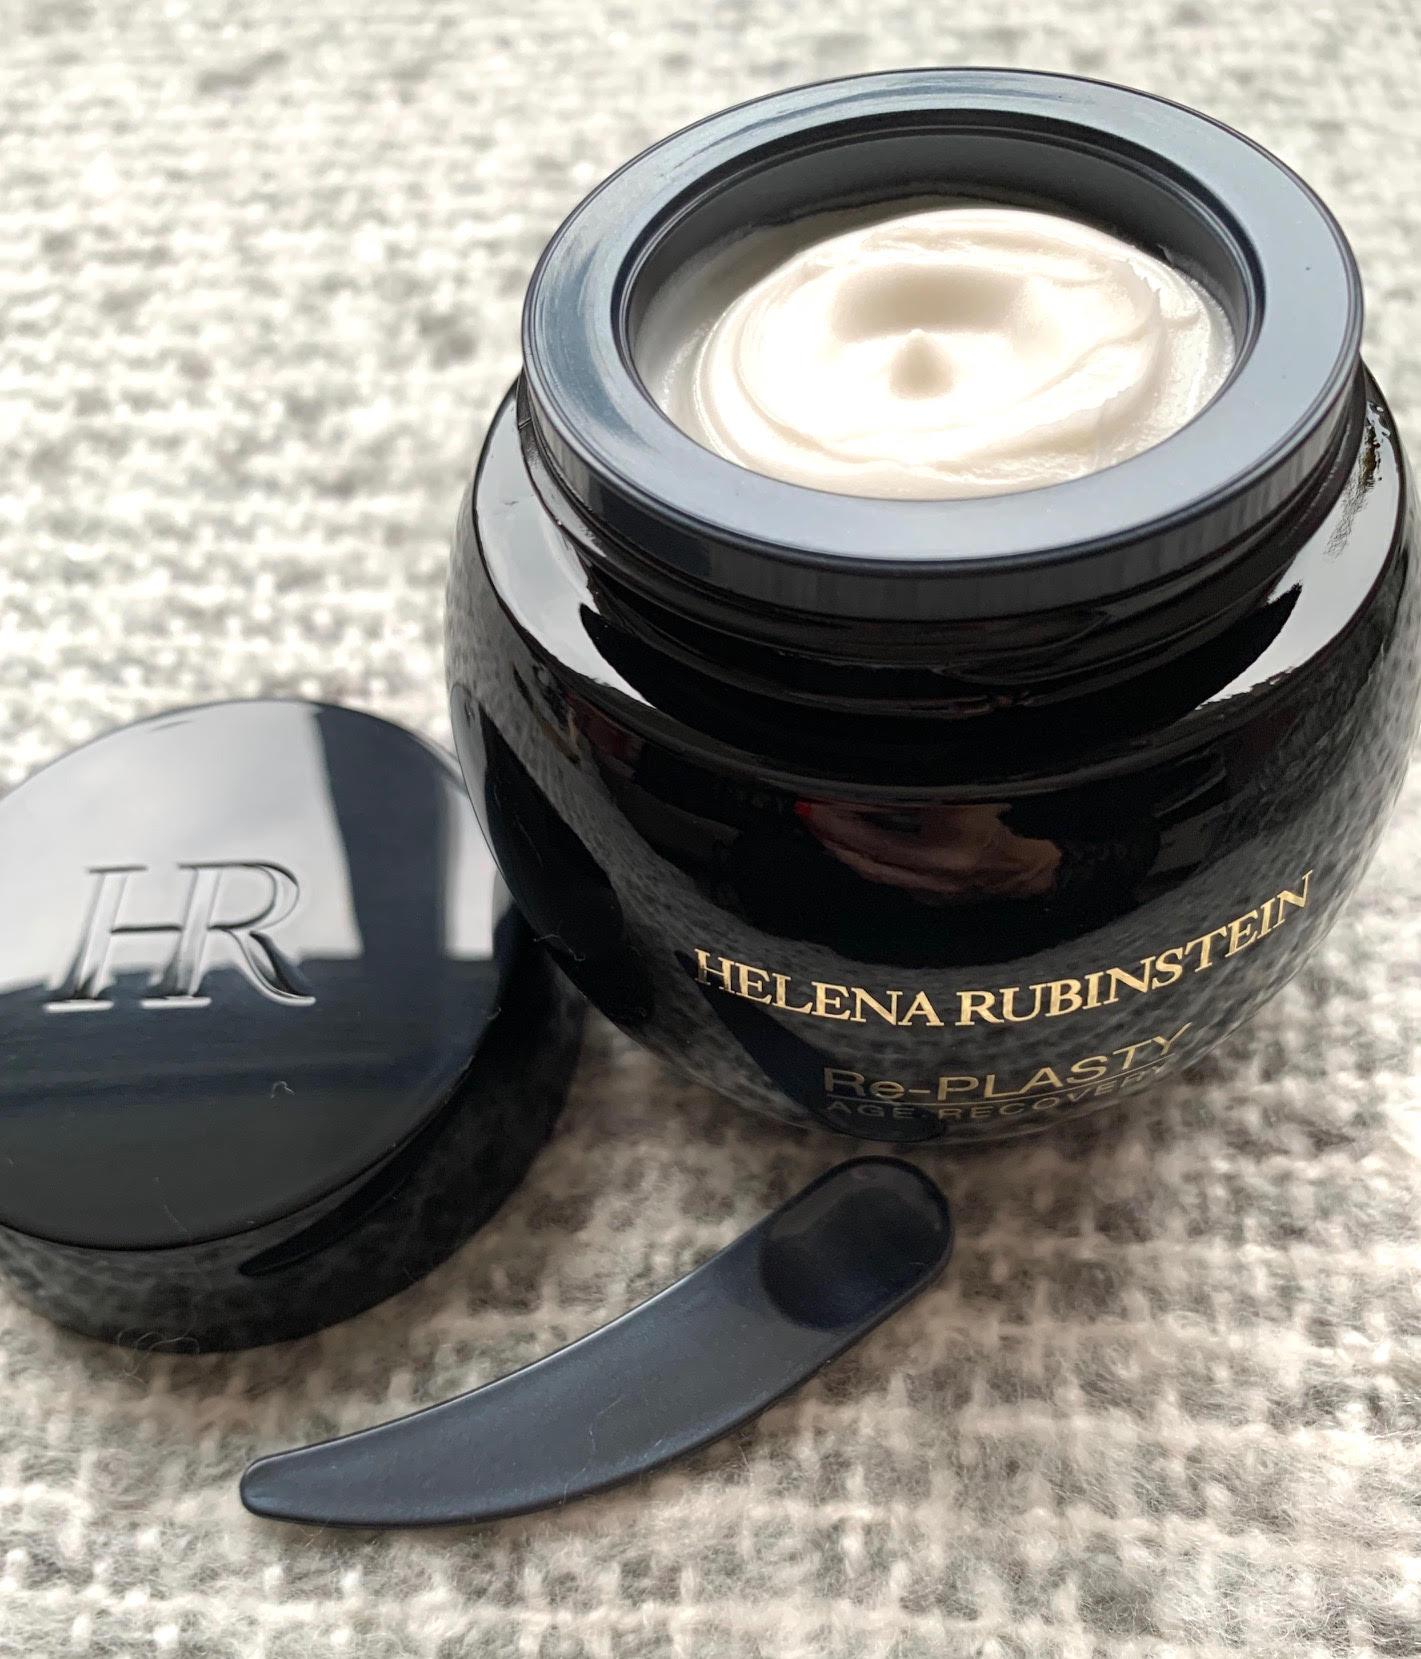 Helena Rubinstein, serum, favoritter, natcreme, mascara, concealer, eye pads